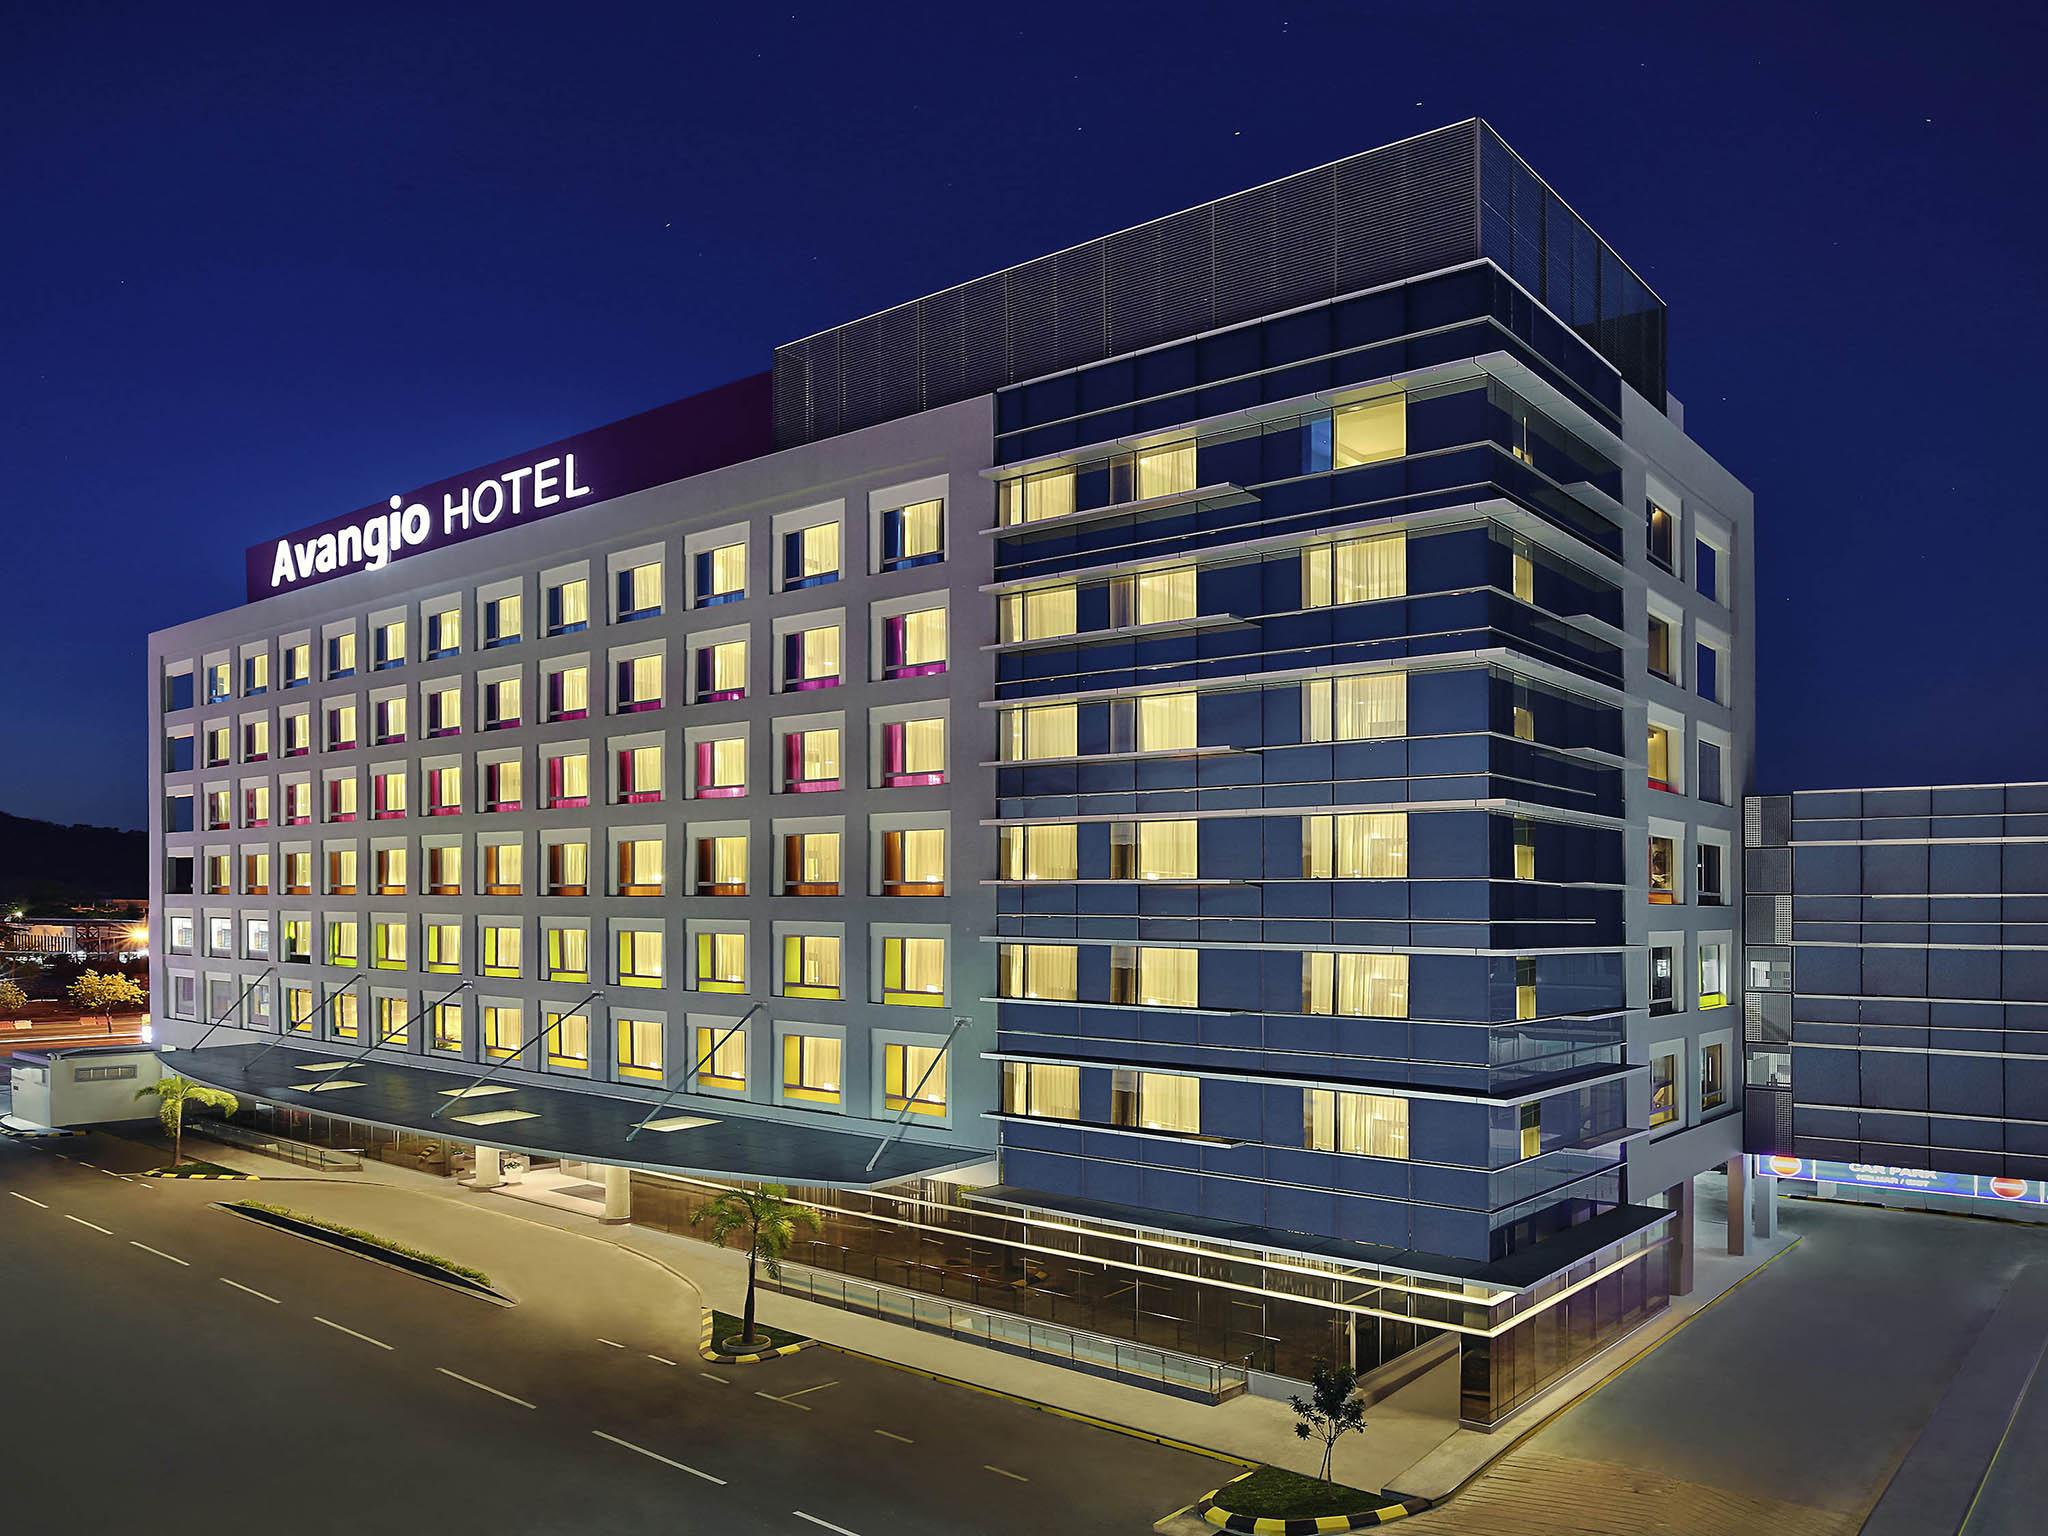 호텔 – 아방지오 호텔 코타키나발루 - 매니지드 바이 아코르호텔